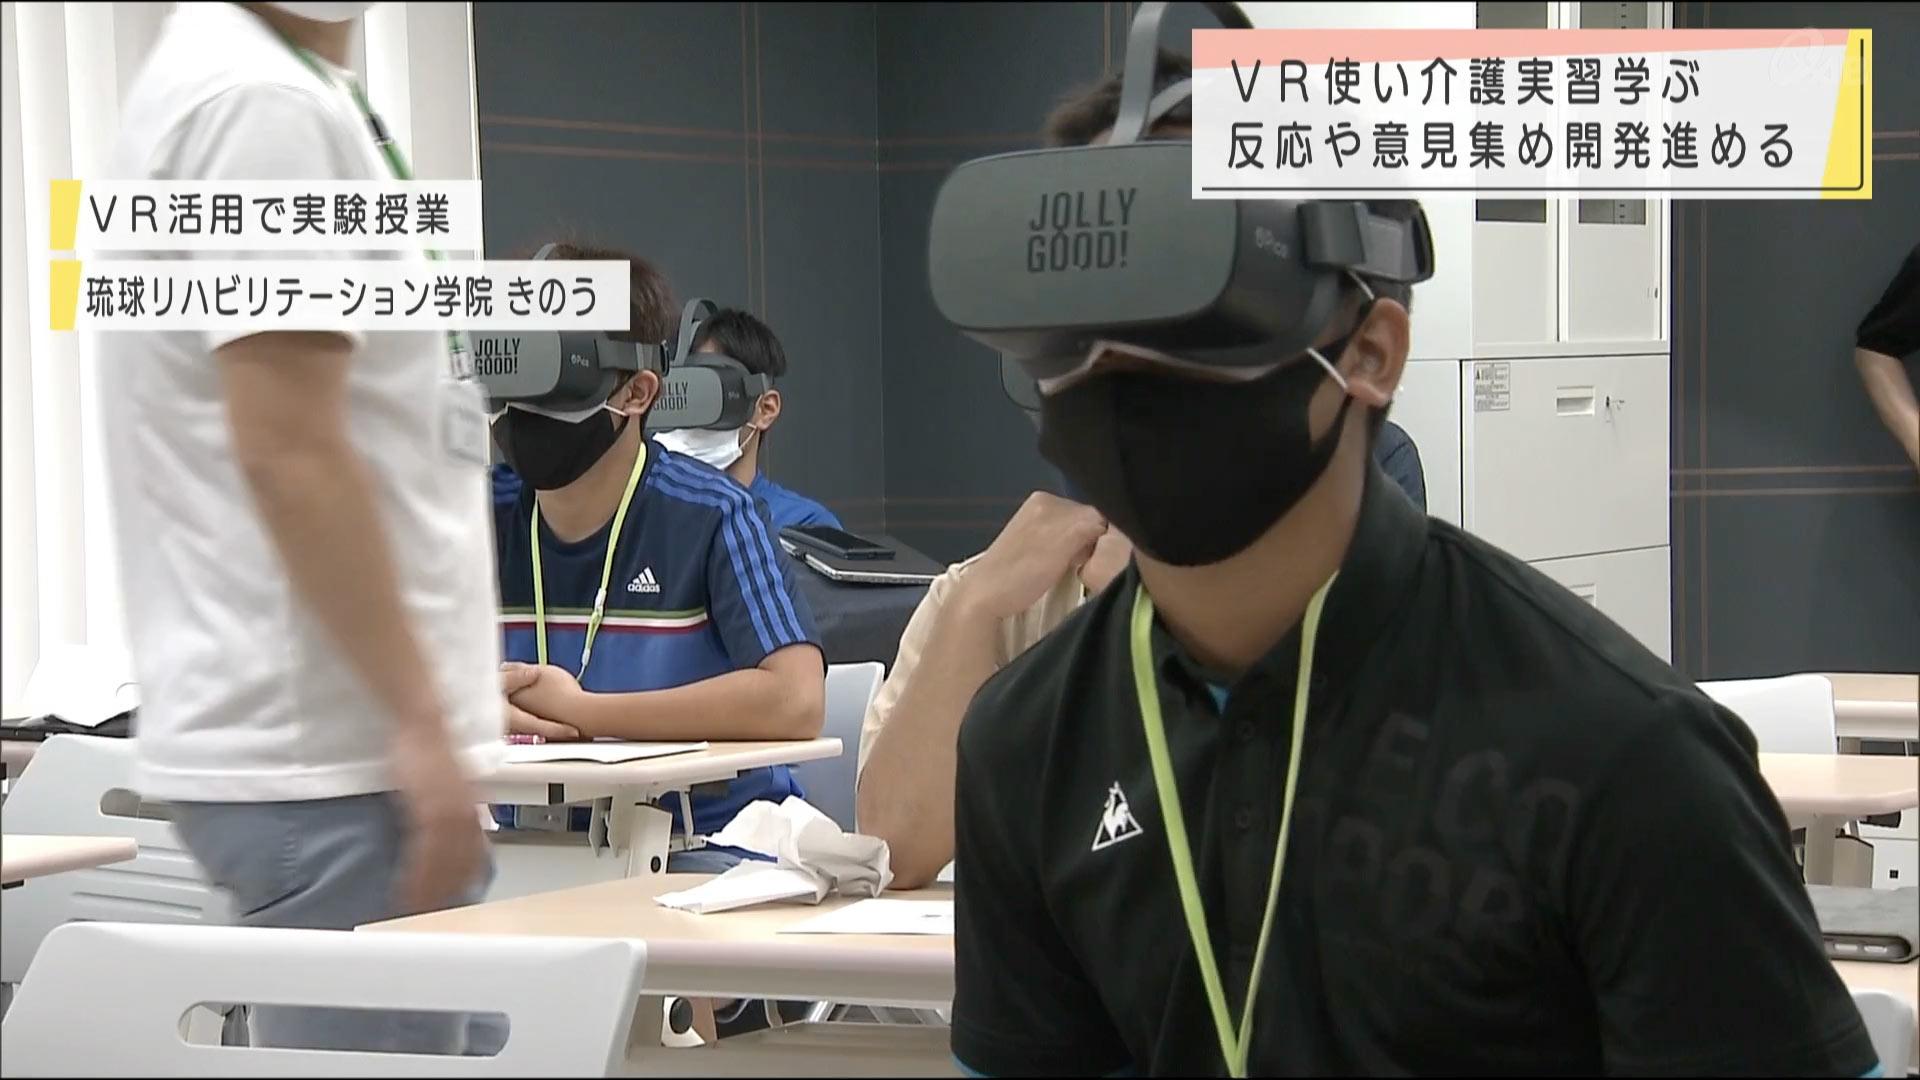 VR活用に向け専門学校で実験授業